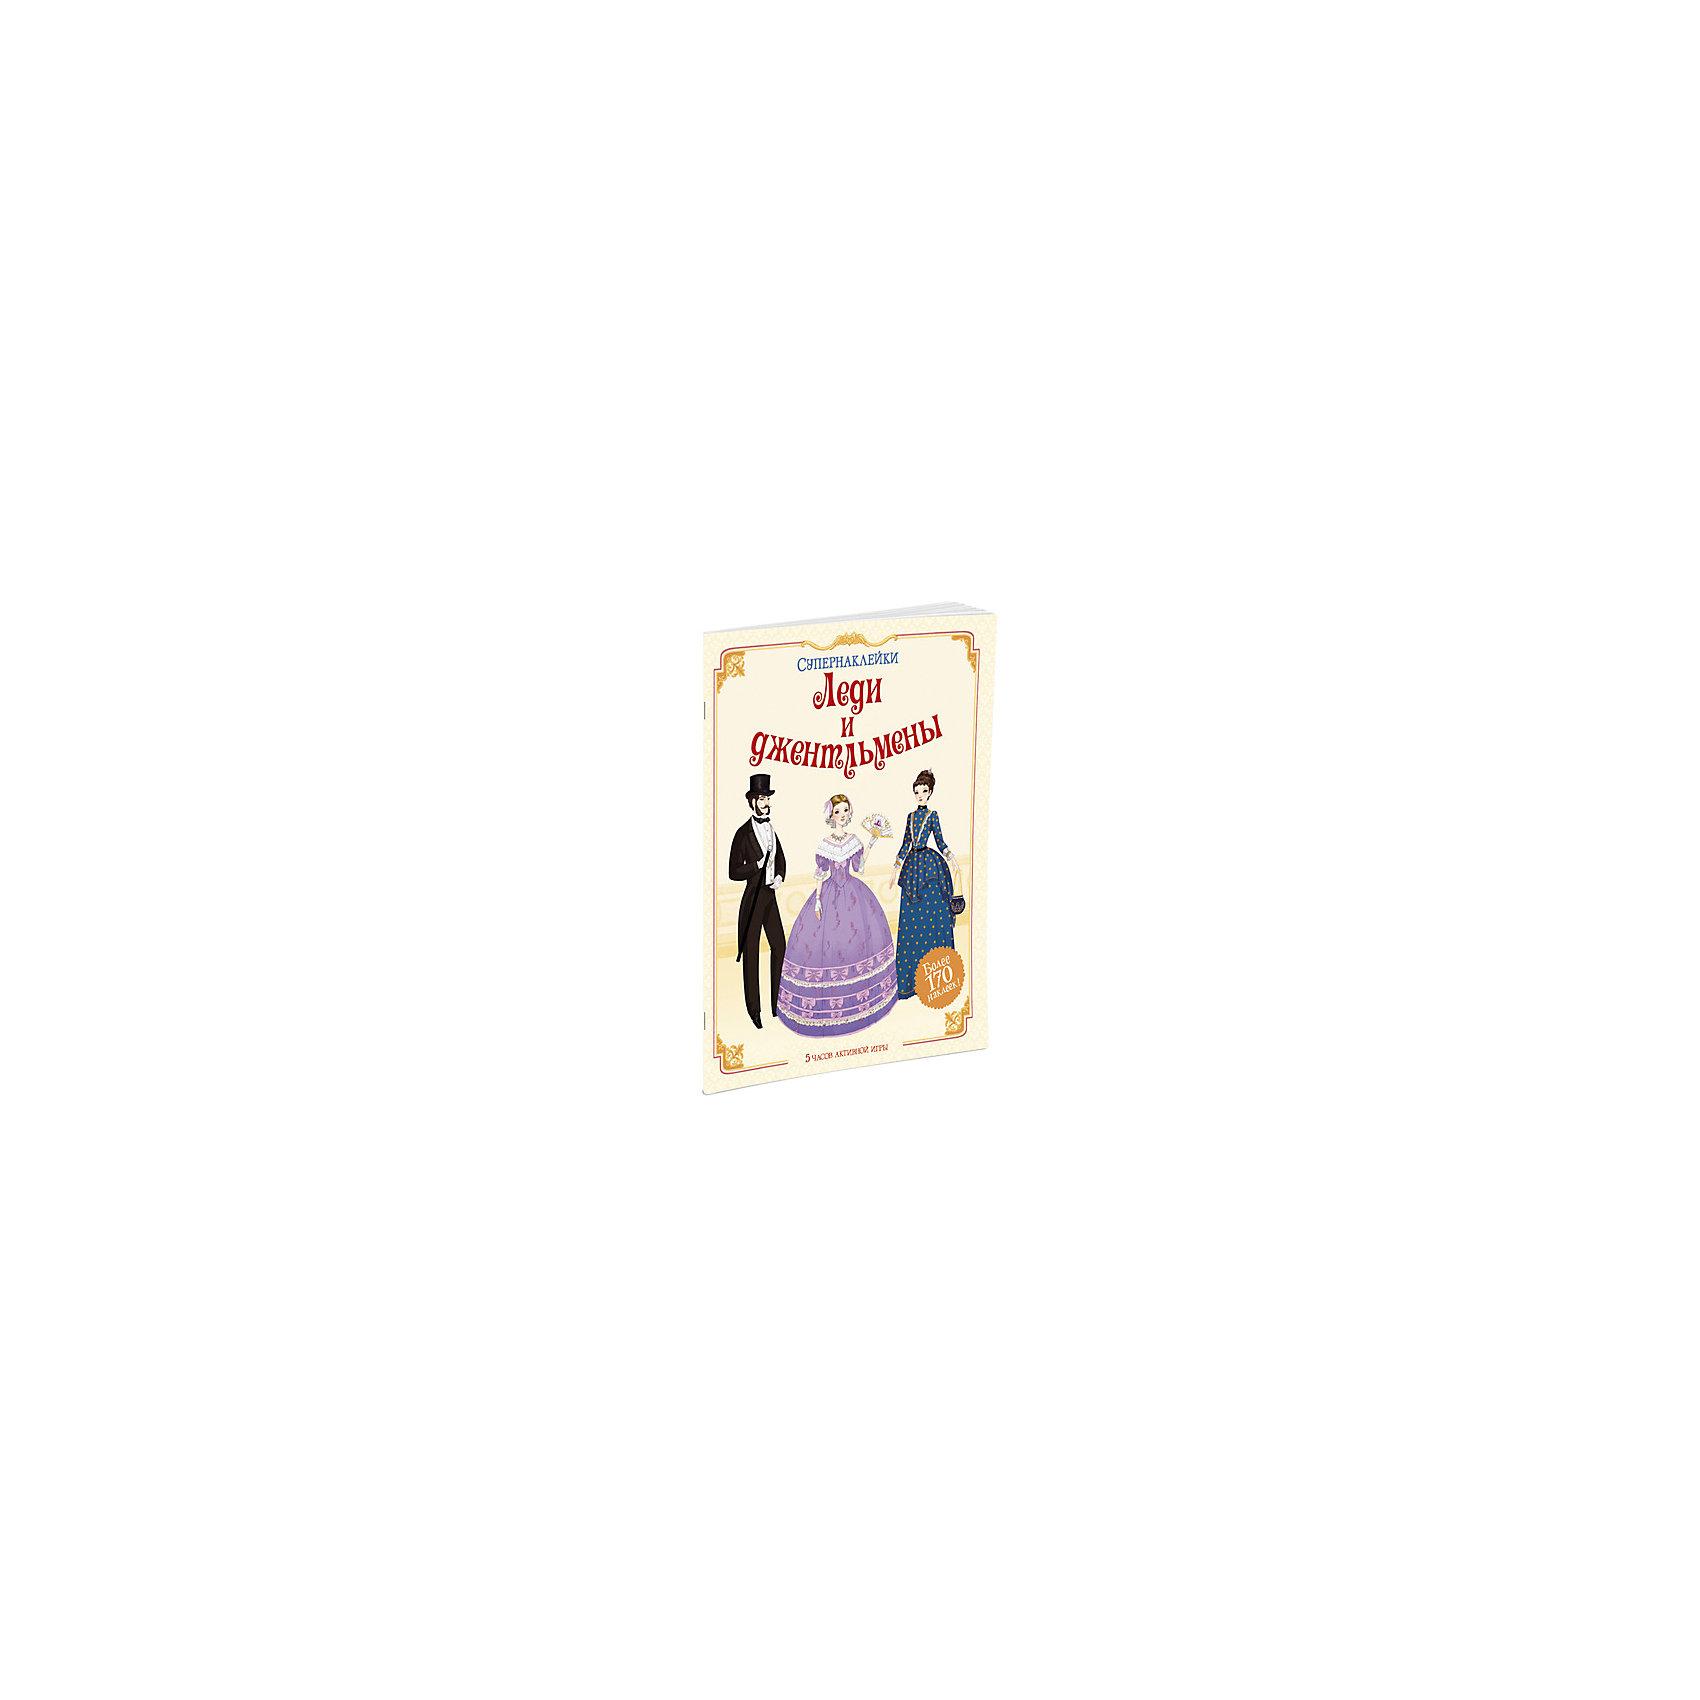 Наклейки Леди и джентльмены, MACHAONМахаон<br>Книжка с наклейками Леди и джентльмены.<br><br>Характеристики:<br><br>• Для детей в возрасте: от 12 месяцев до 3 лет<br>• Автор: Сэм Лейк<br>• Переводчик: М. Торчинская<br>• Иллюстратор: С. Бурси<br>• Издательство: Махаон, 2015 год<br>• Серия: Супернаклейки<br>• Тип обложки: мягкий переплет (крепление скрепкой или клеем)<br>• Оформление: с наклейками (более 170 наклеек)<br>• Иллюстрации: цветные<br>• Количество страниц: 24 (мелованная)<br>• Размер: 305x240x2 мм.<br>• Вес: 303 гр.<br>• ISBN: 9785389095847<br><br>Отправляйся в путешествие по старинной Англии! Книжка расскажет тебе о том, как одевались джентльмены и их дамы в XIX веке. Наряди модников и модниц с помощью наклеек. В книге ты найдёшь самые разные туалеты от шёлкового бального платья до купального костюма. Читаем и играем! Развиваем внимание, воображение, мелкую моторику и художественный вкус.<br><br>Книжку с наклейками Леди и джентльмены можно купить в нашем интернет-магазине.<br><br>Ширина мм: 305<br>Глубина мм: 240<br>Высота мм: 20<br>Вес г: 303<br>Возраст от месяцев: 12<br>Возраст до месяцев: 36<br>Пол: Женский<br>Возраст: Детский<br>SKU: 5493459